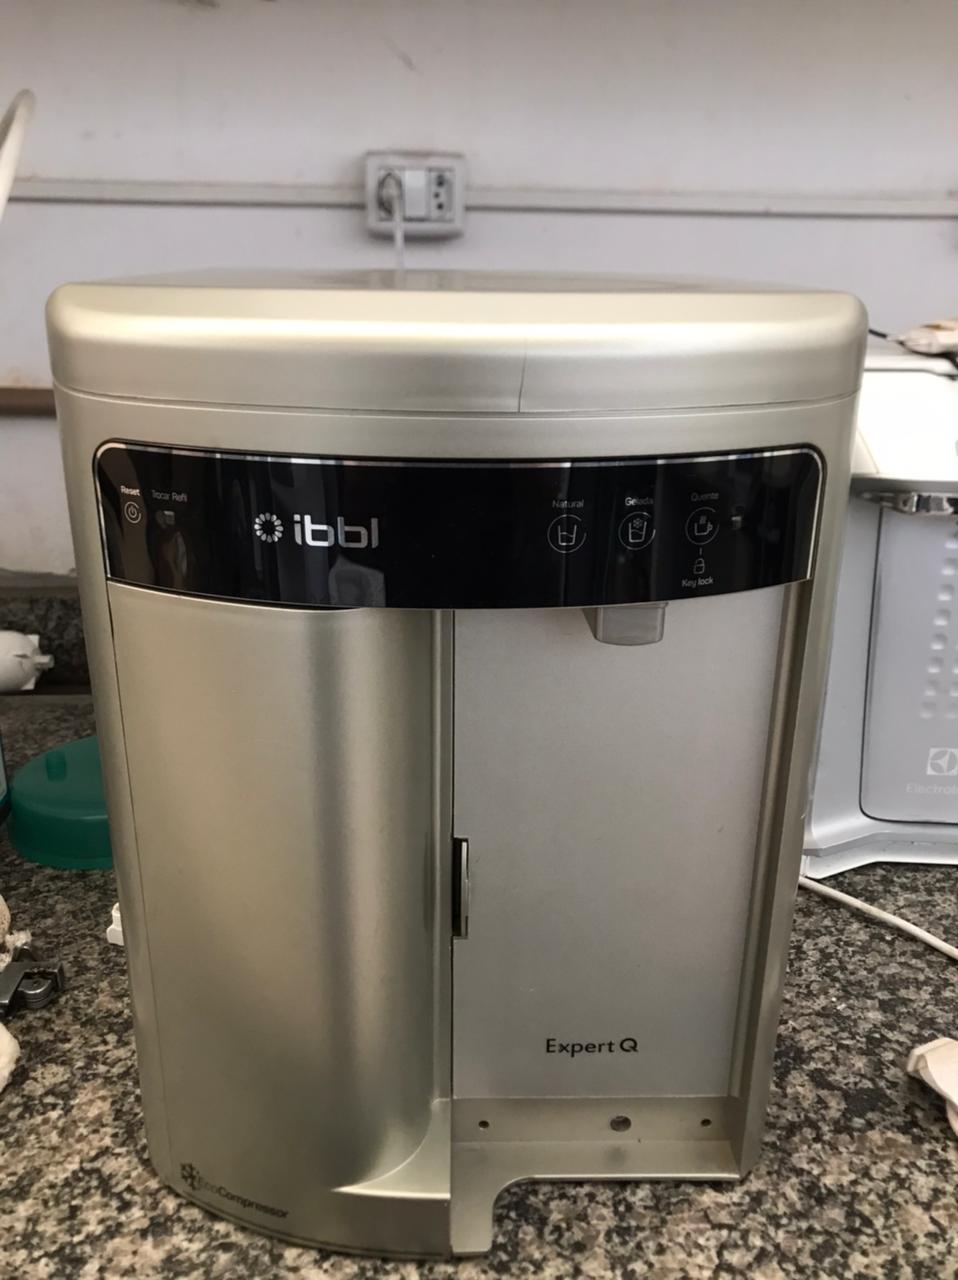 Purificador de Água IBBL EXPERT Q Prata - Semi novo  - My Shop